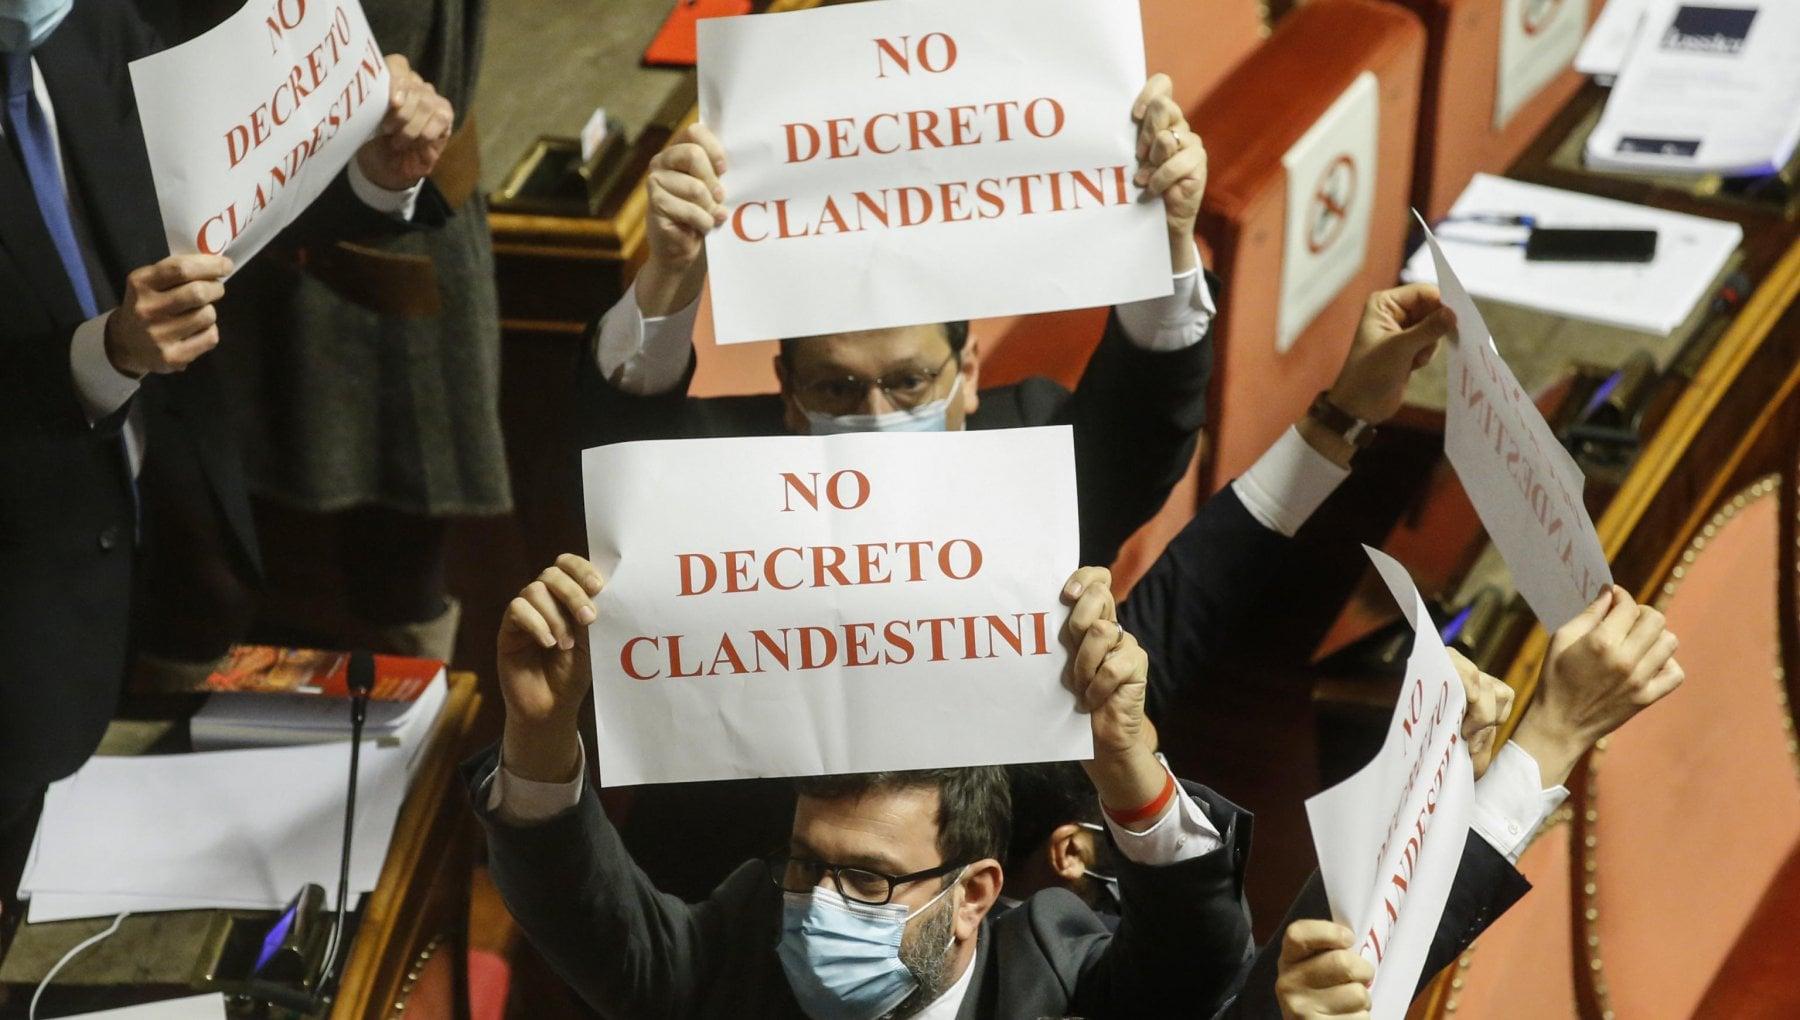 Dl Sicurezza nuovo caos in Senato. Lega contro il M5S. Marcucci Pd Clima inaccettabile questore e commesso finiscono in infermeria